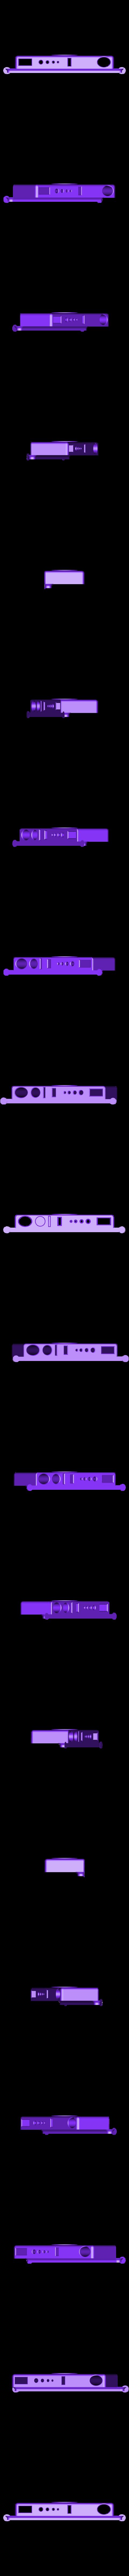 Side_Panel_Tool_Tidy.stl Télécharger fichier STL gratuit Matériel de montage de boîtier pour réplicateur 2 • Objet pour impression 3D, Gaenarra